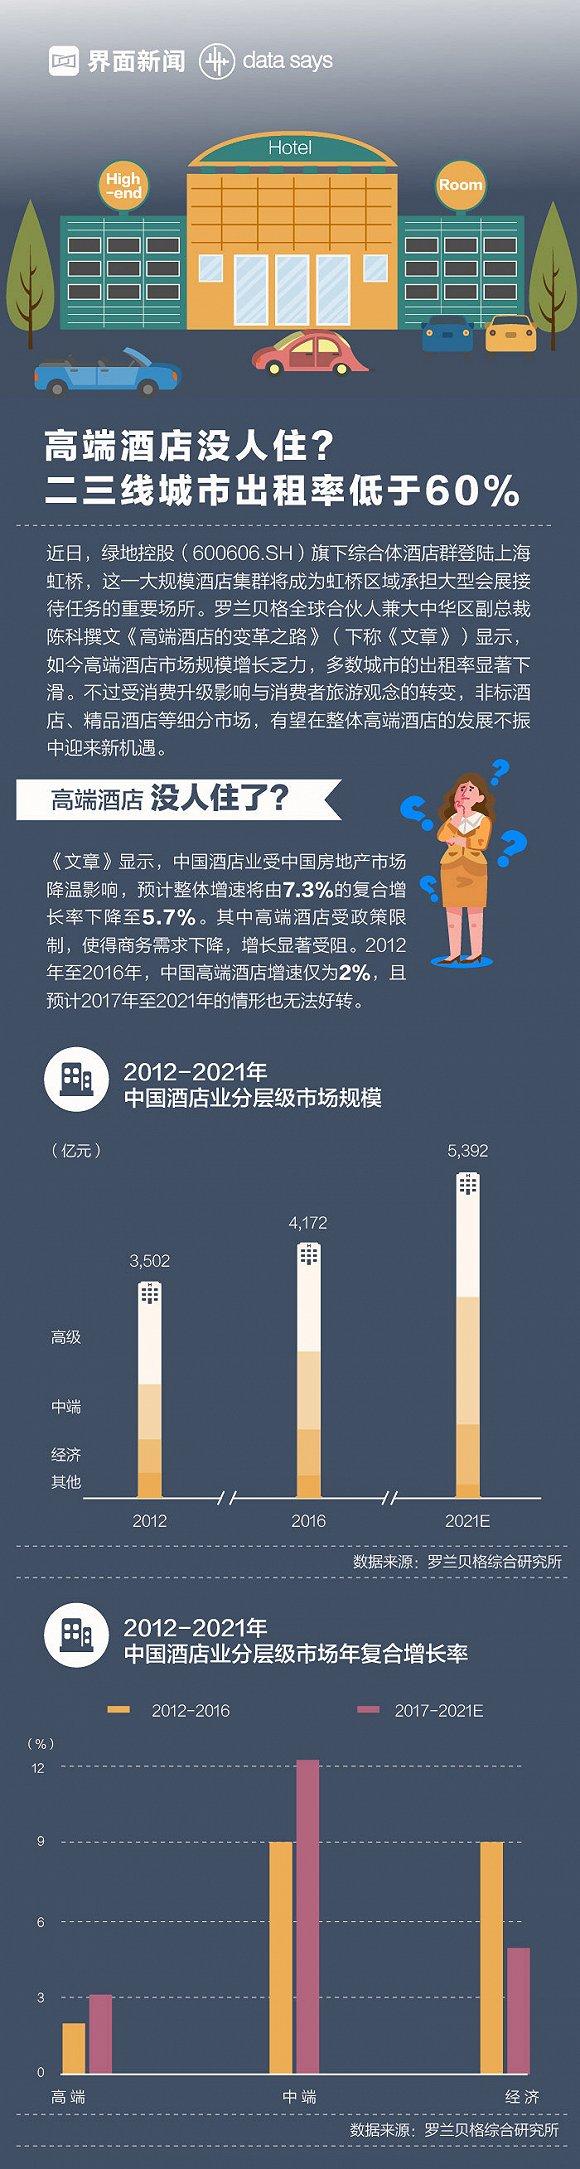 图解:高端酒店二三线城市出租率不及六成